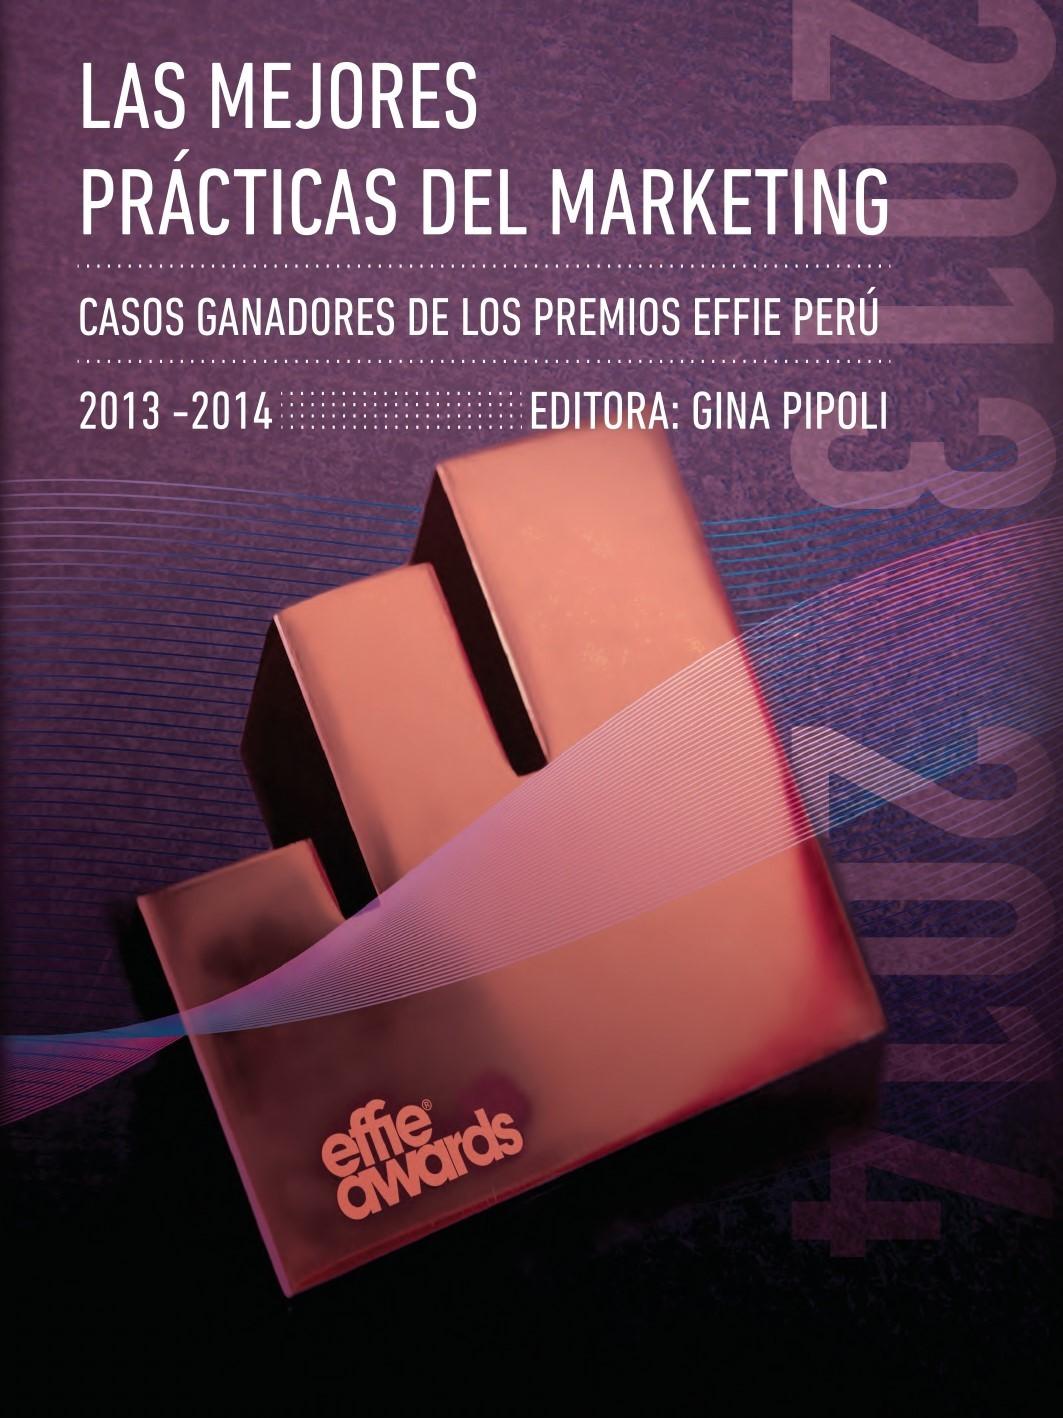 Las mejores prácticas del marketing. Casos ganadores de los Premios Effie Perú 2015-2016